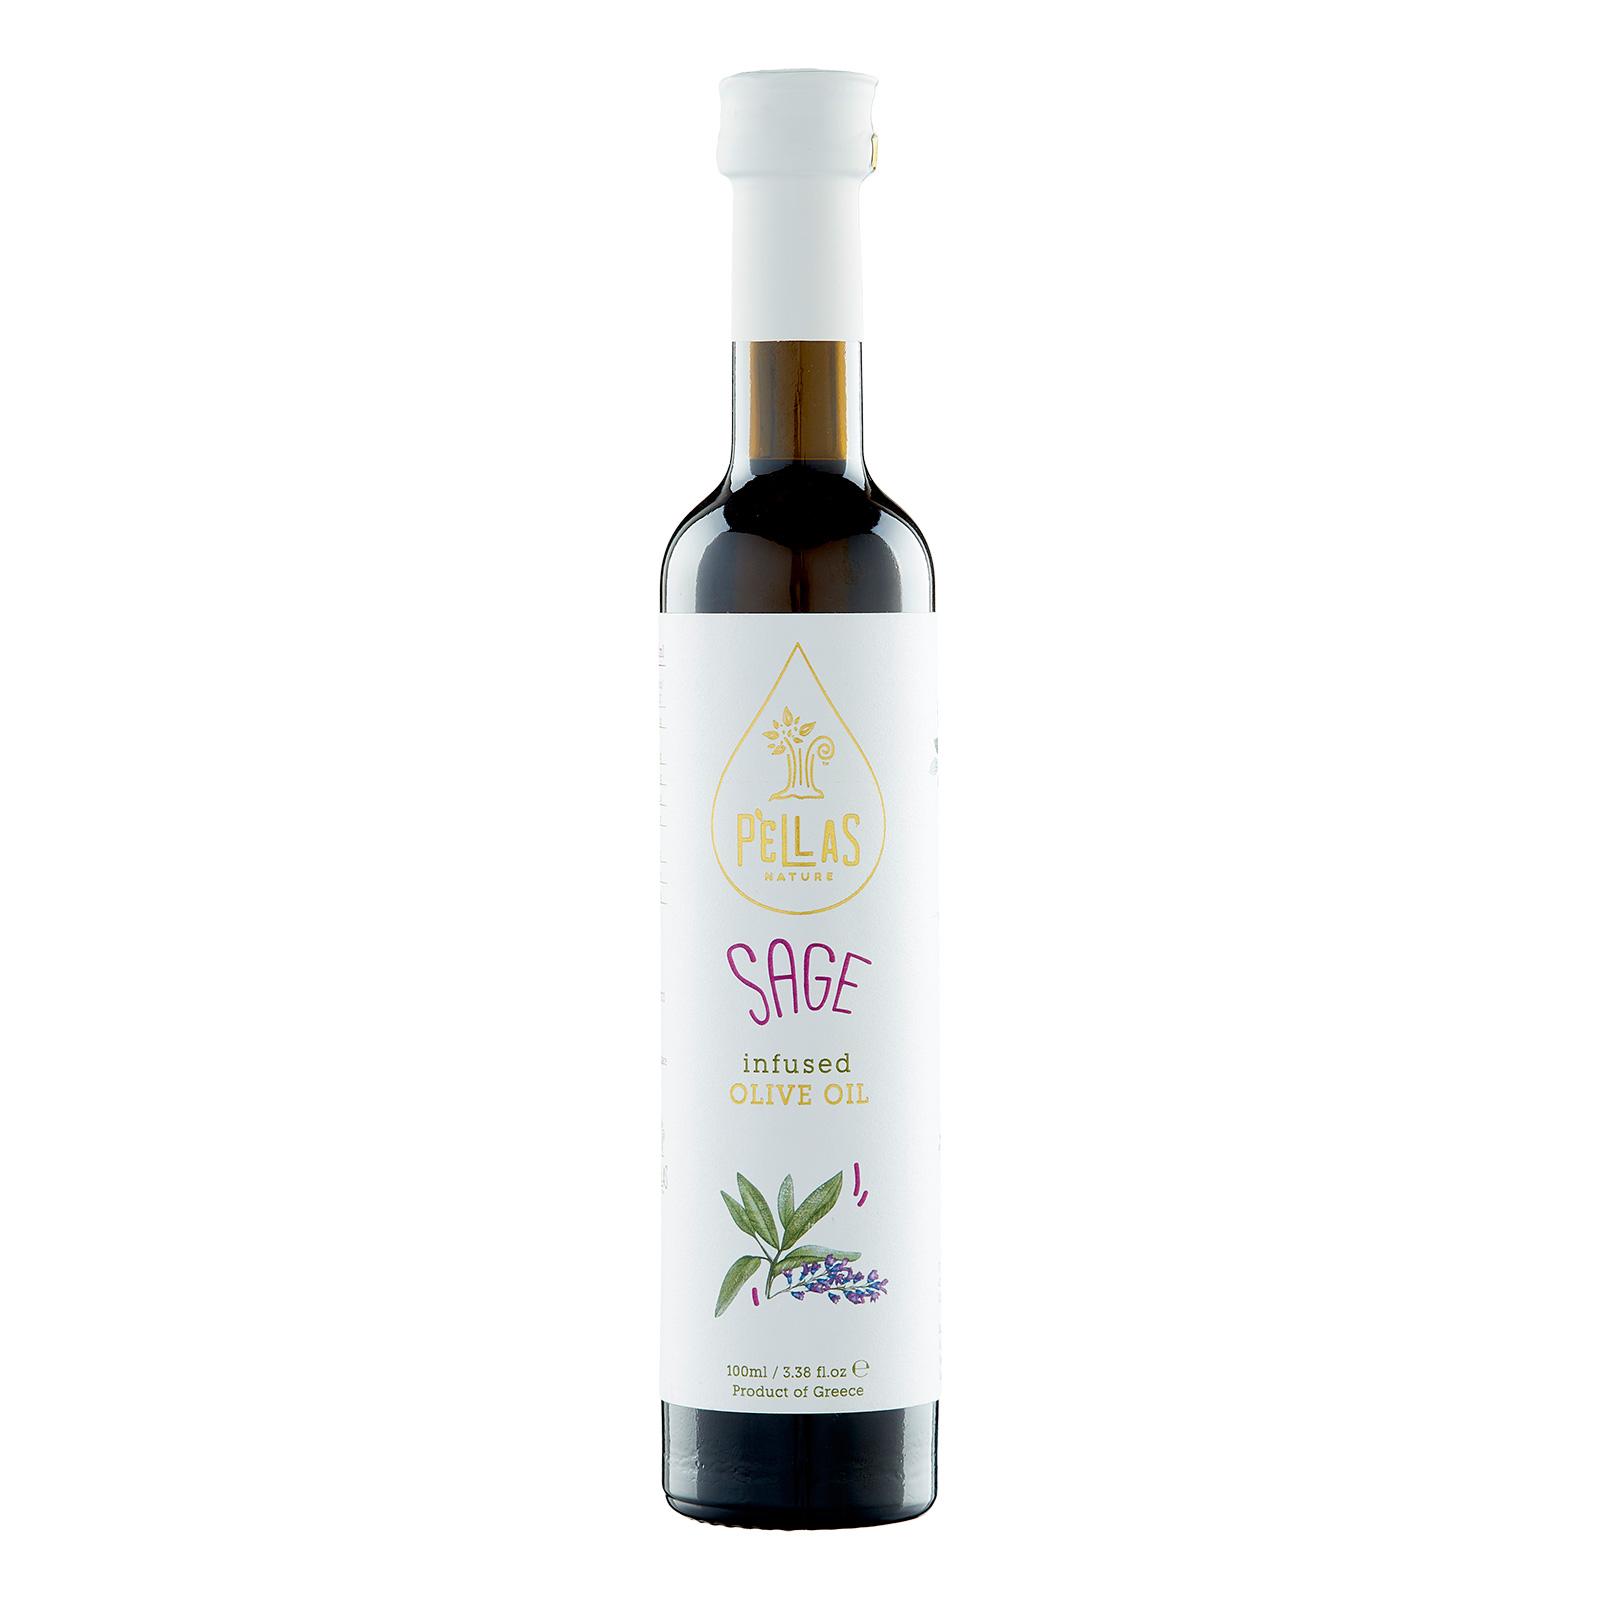 Pellas Nature Sage infused Extra Virgin Olive Oil 3.38 fl.oz Bottle